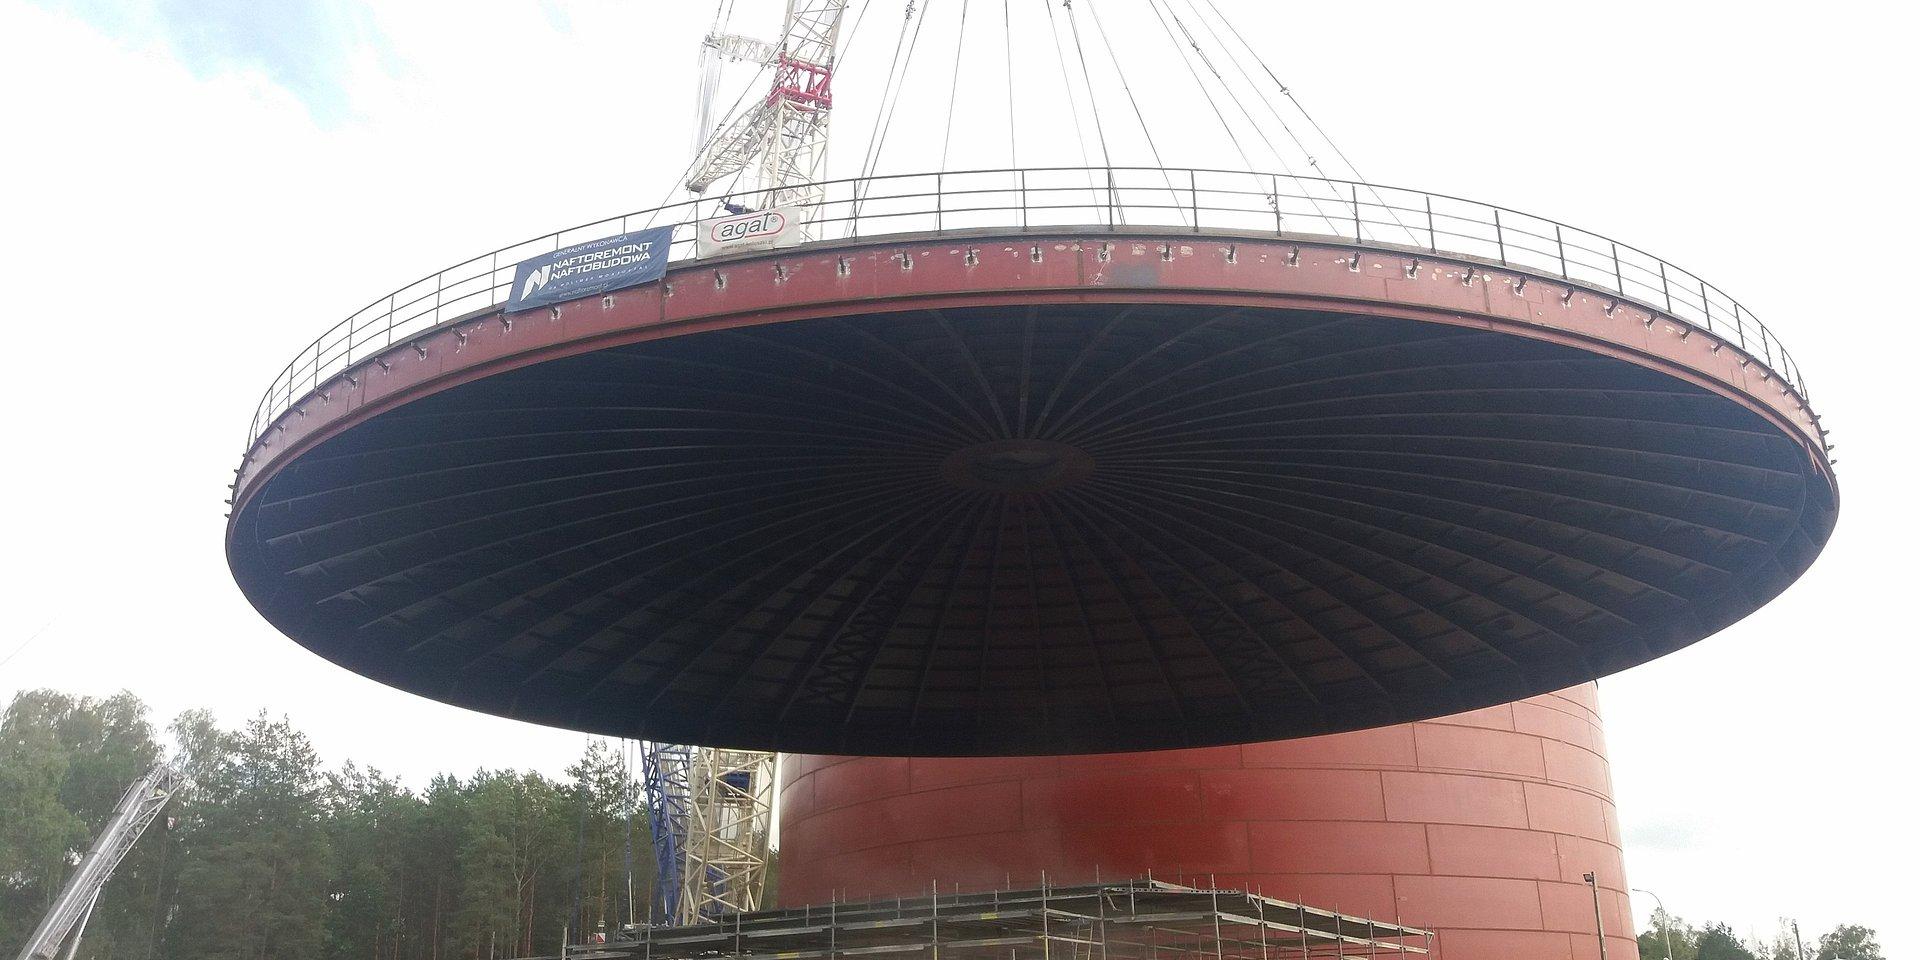 Baza paliw w Małaszewiczach: zakończyliśmy montaż dachu na nowym zbiorniku